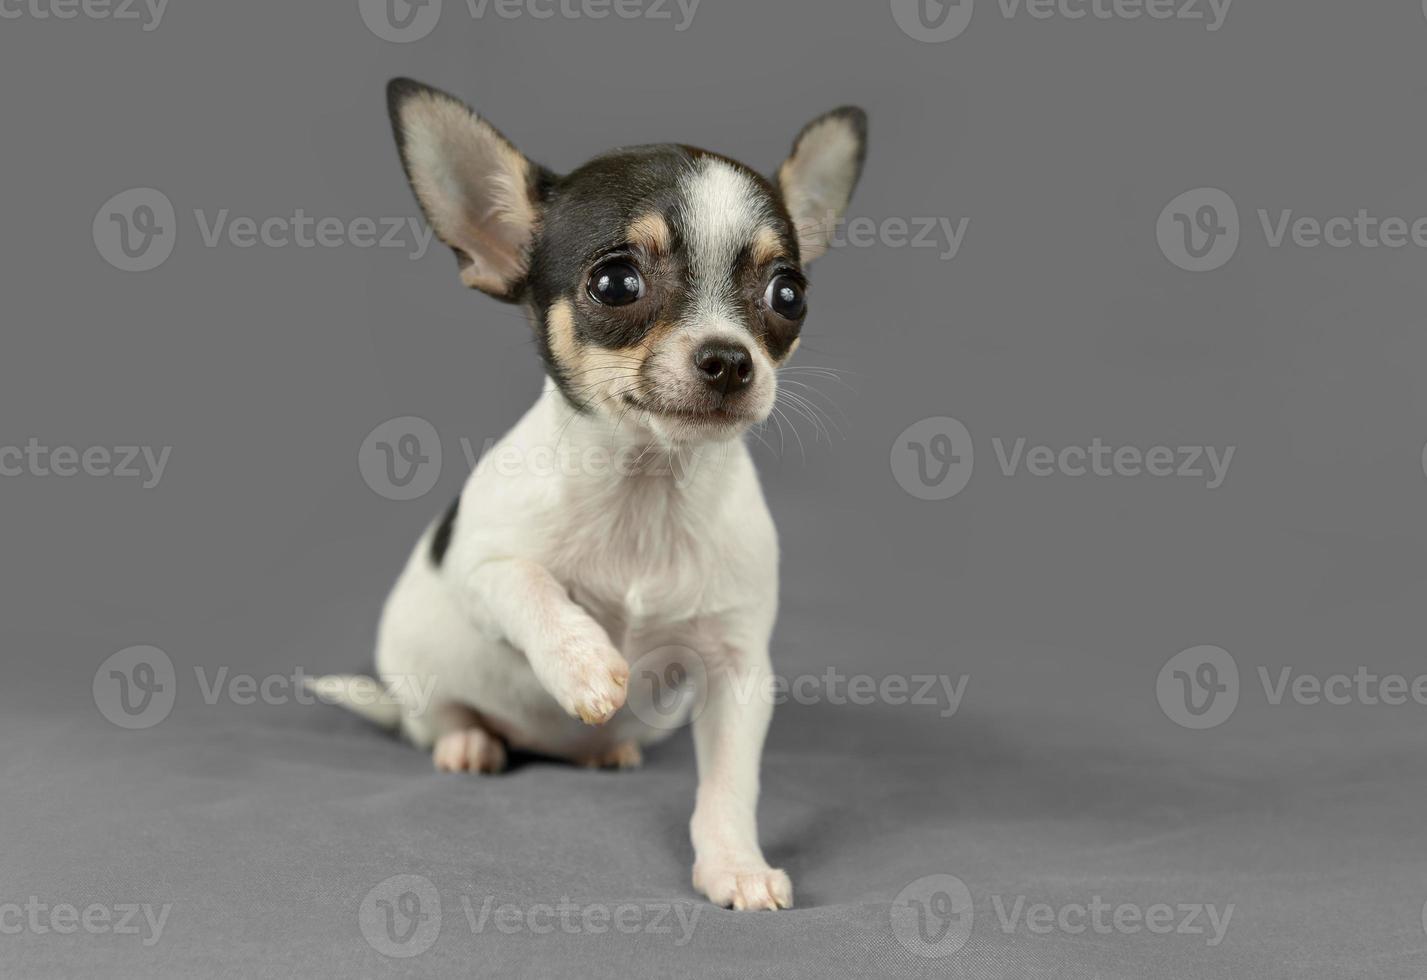 cucciolo di chihuahua di razza pura carino foto